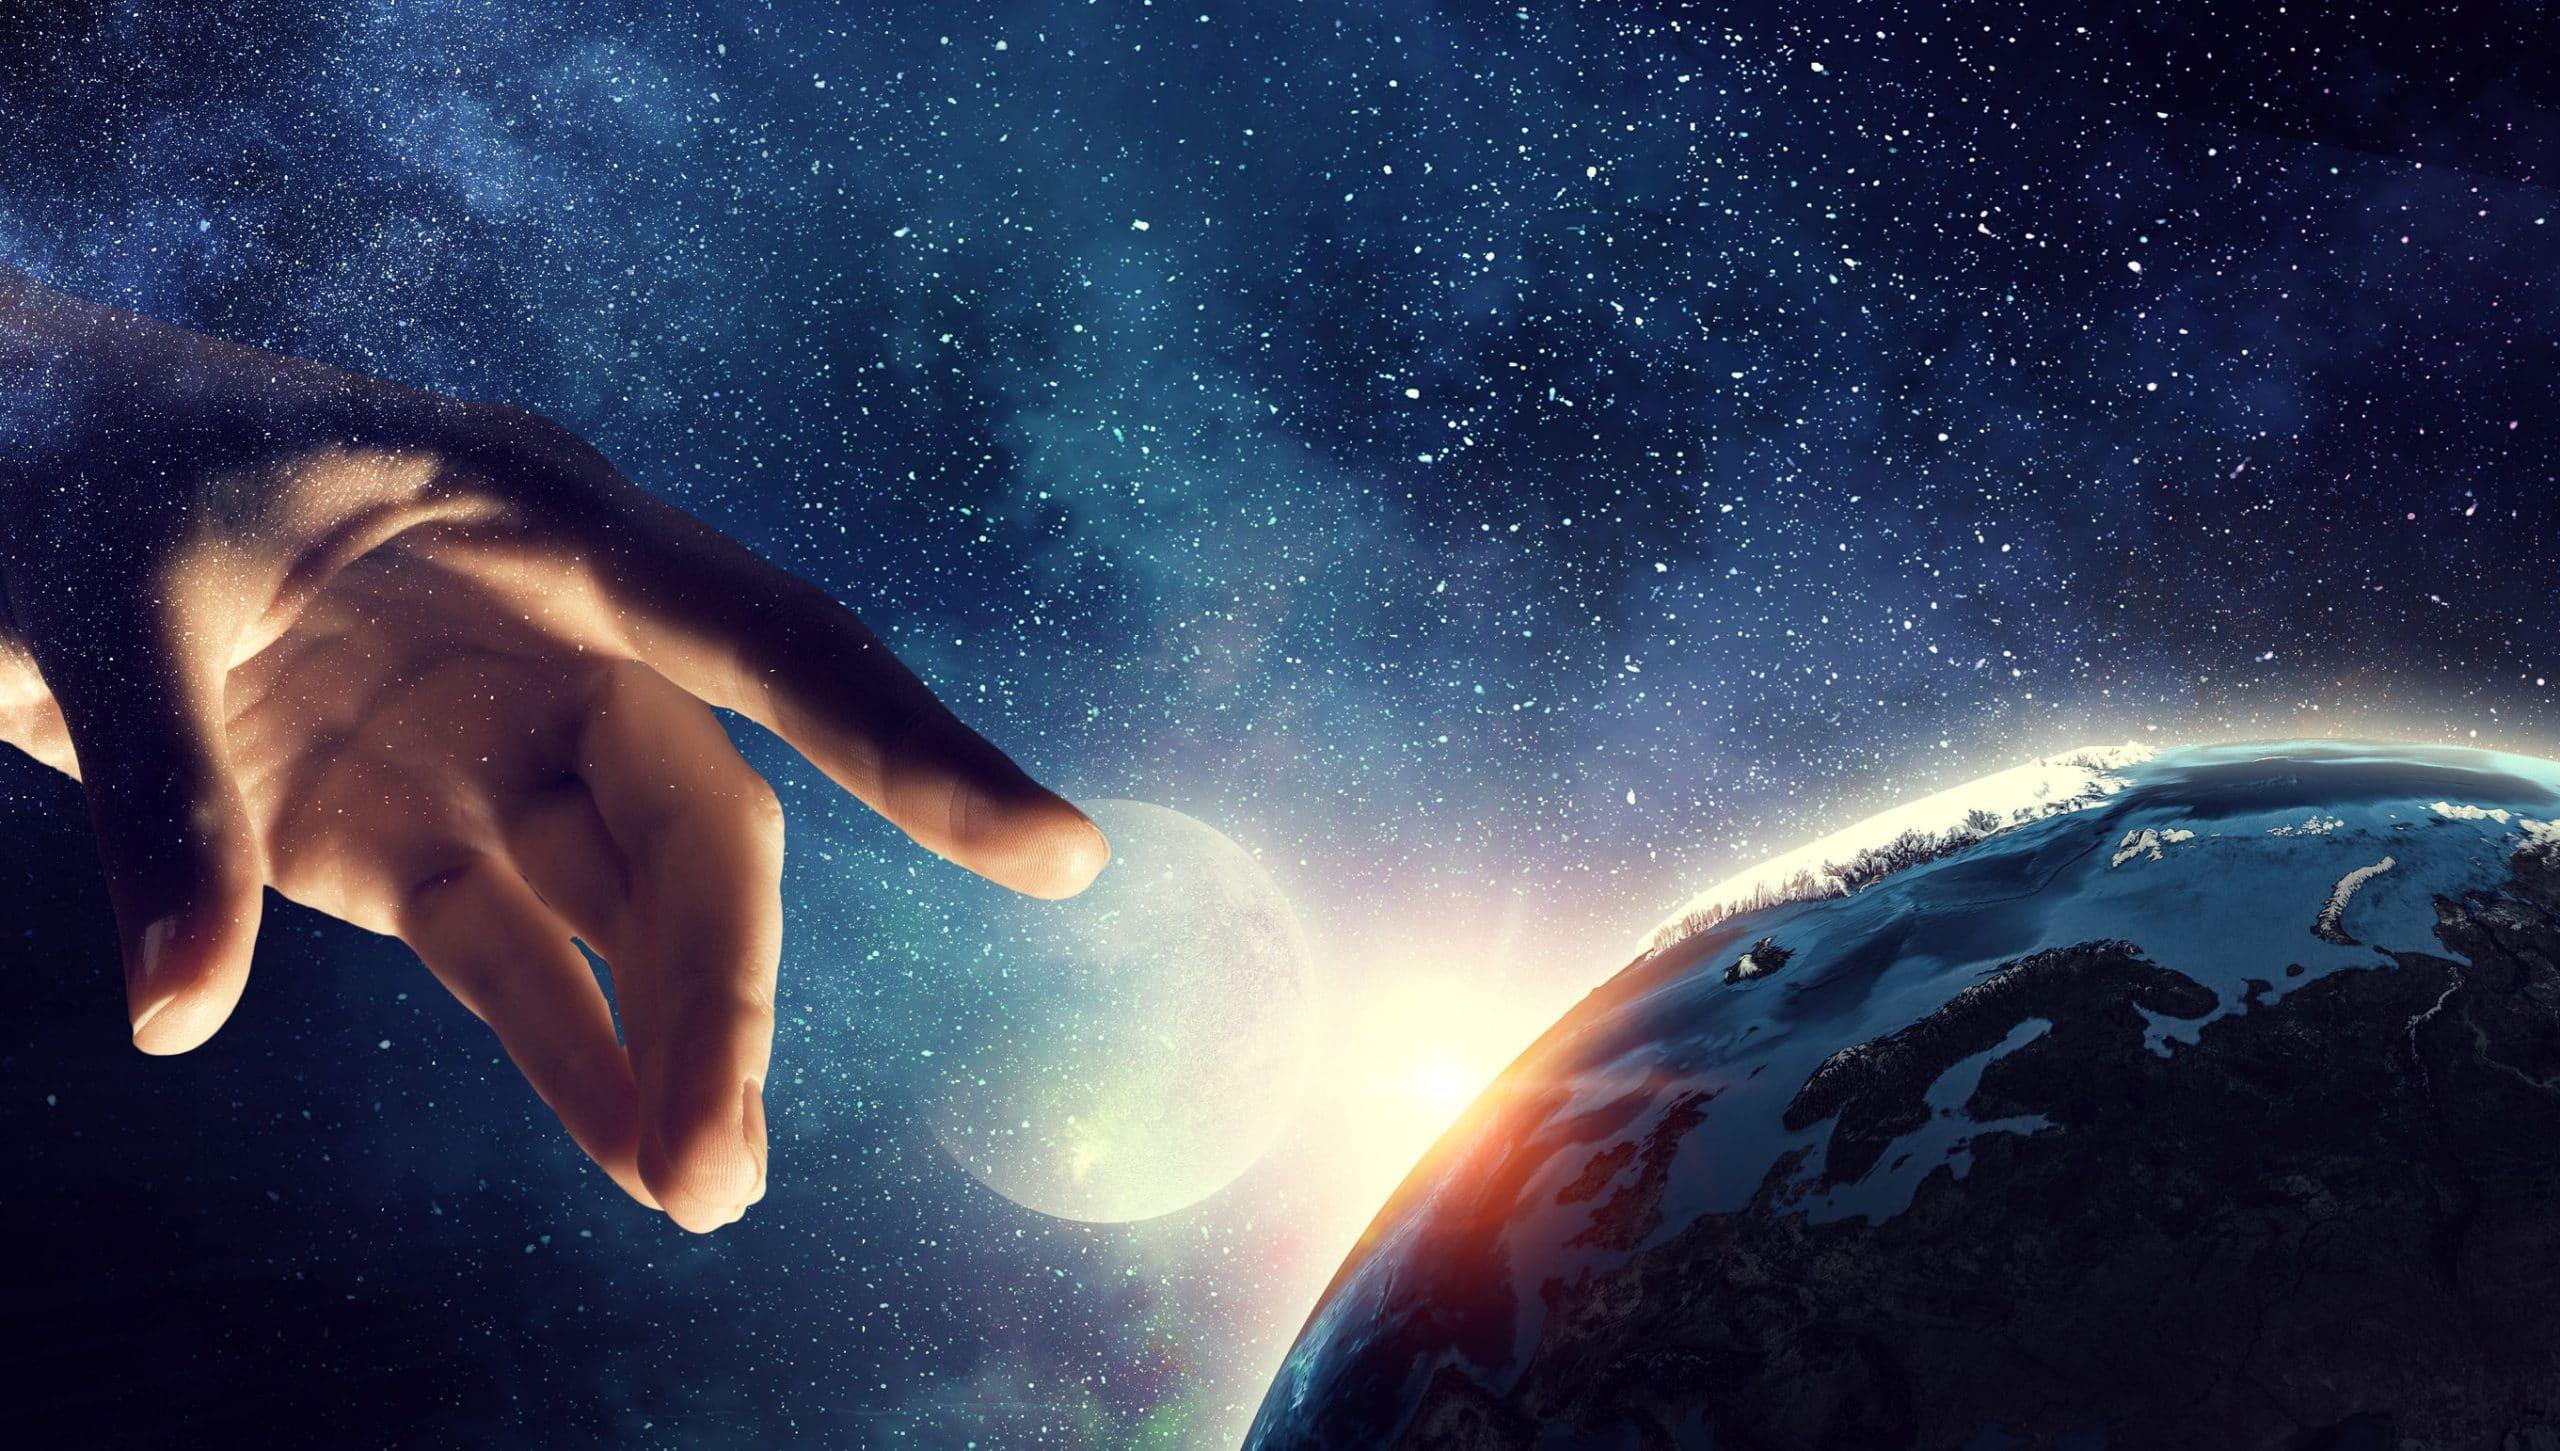 Imagem ilustra uma mão humana quase tocando a Terra.